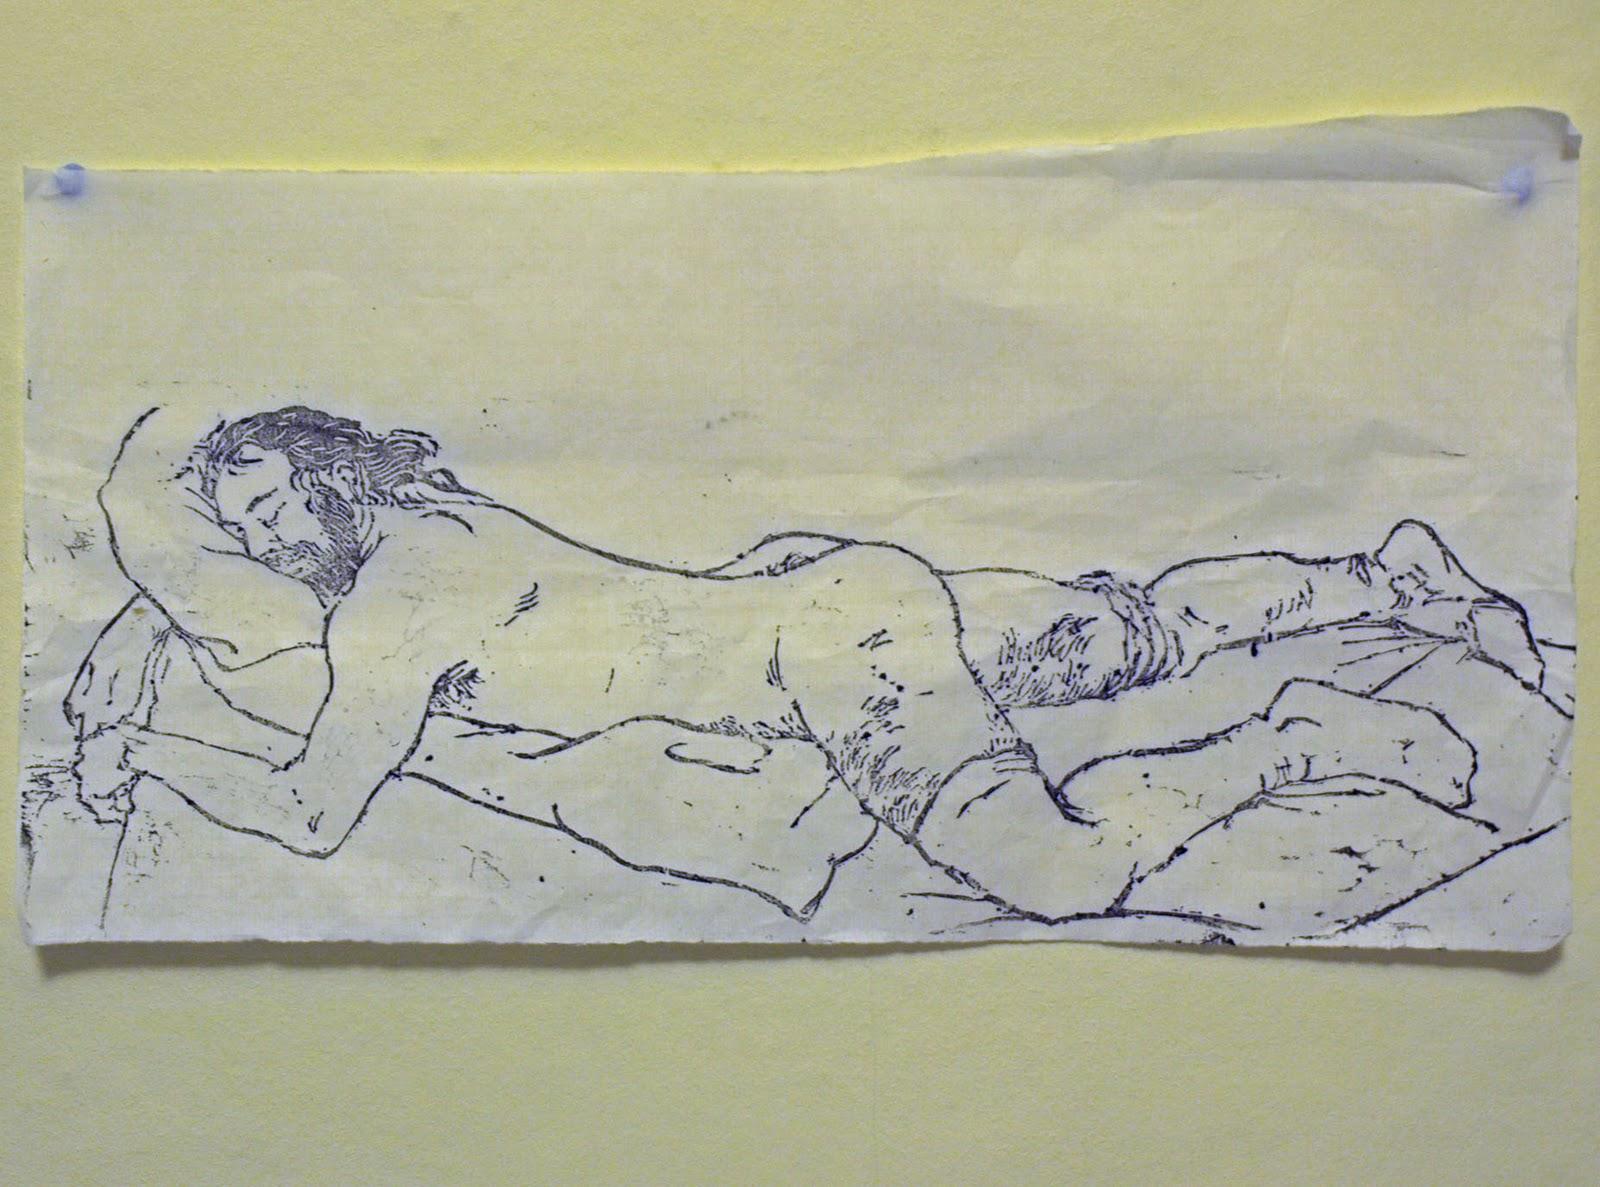 Handmade bed sheets design - Http 2 Bp Blogspot Com 5bk9zwa77yg Tteajvrrcki